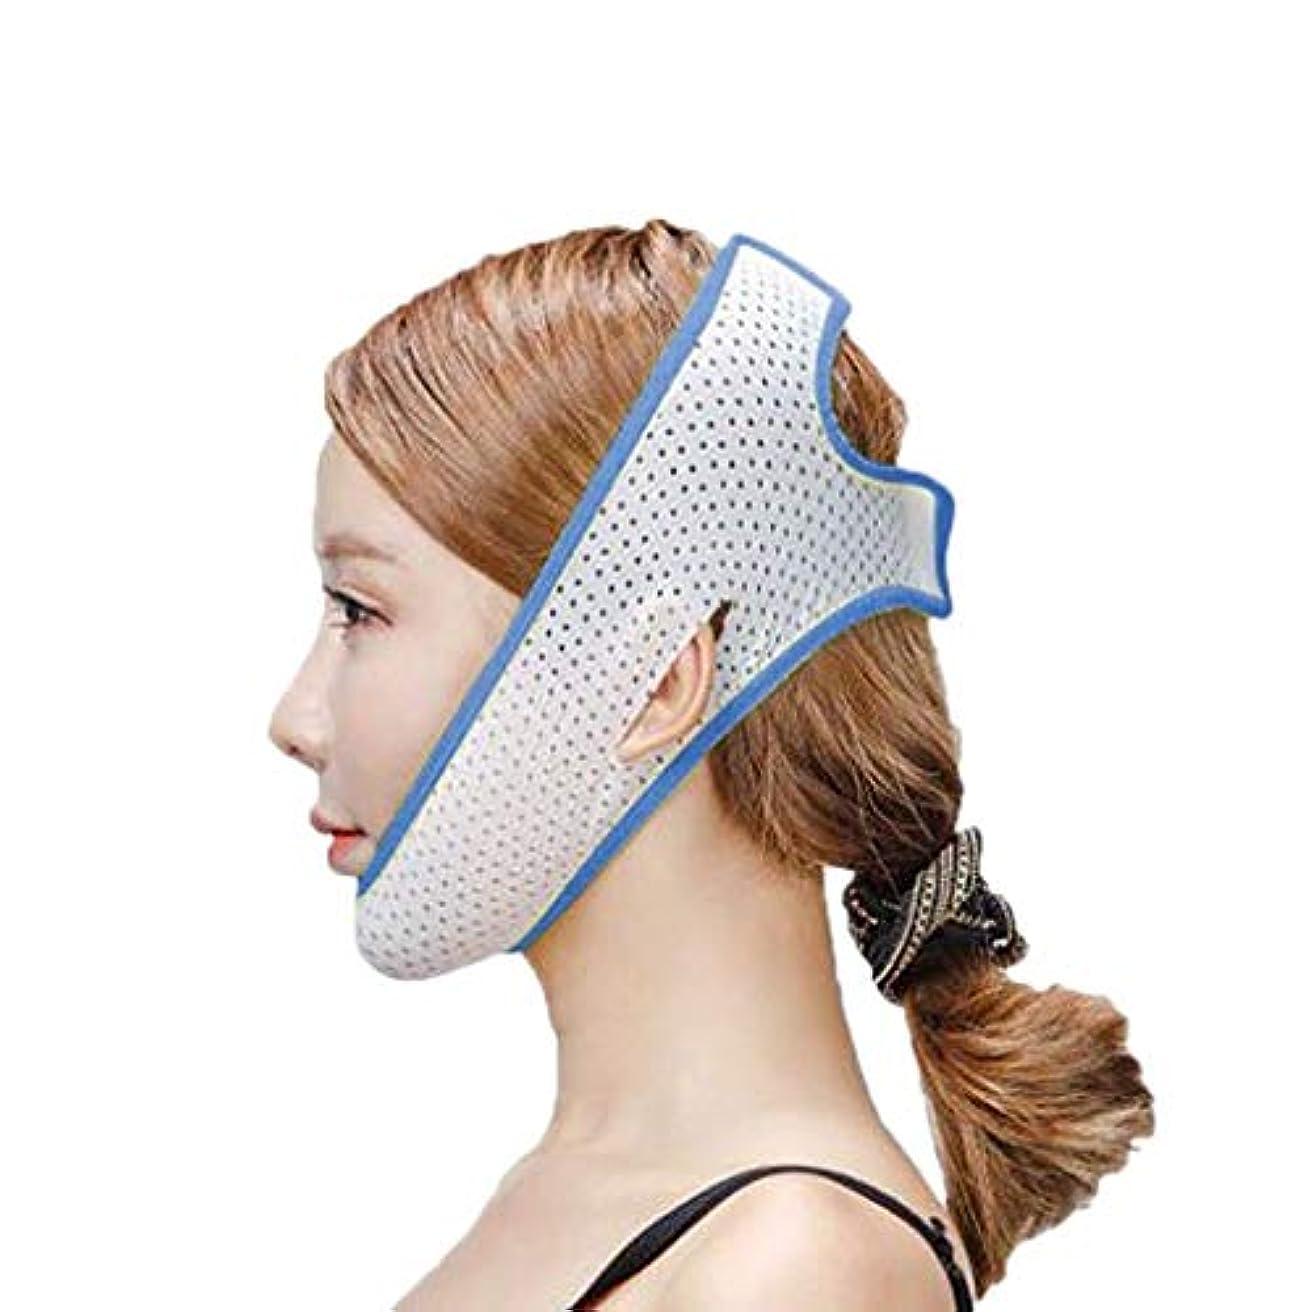 冗長くつろぎ水没フェイスリフトマスク、ダブルチンストラップ、フェイシャル減量マスク、フェイシャルダブルチンケアスリミングマスク、リンクルマスク(フリーサイズ)(カラー:ブラック),青